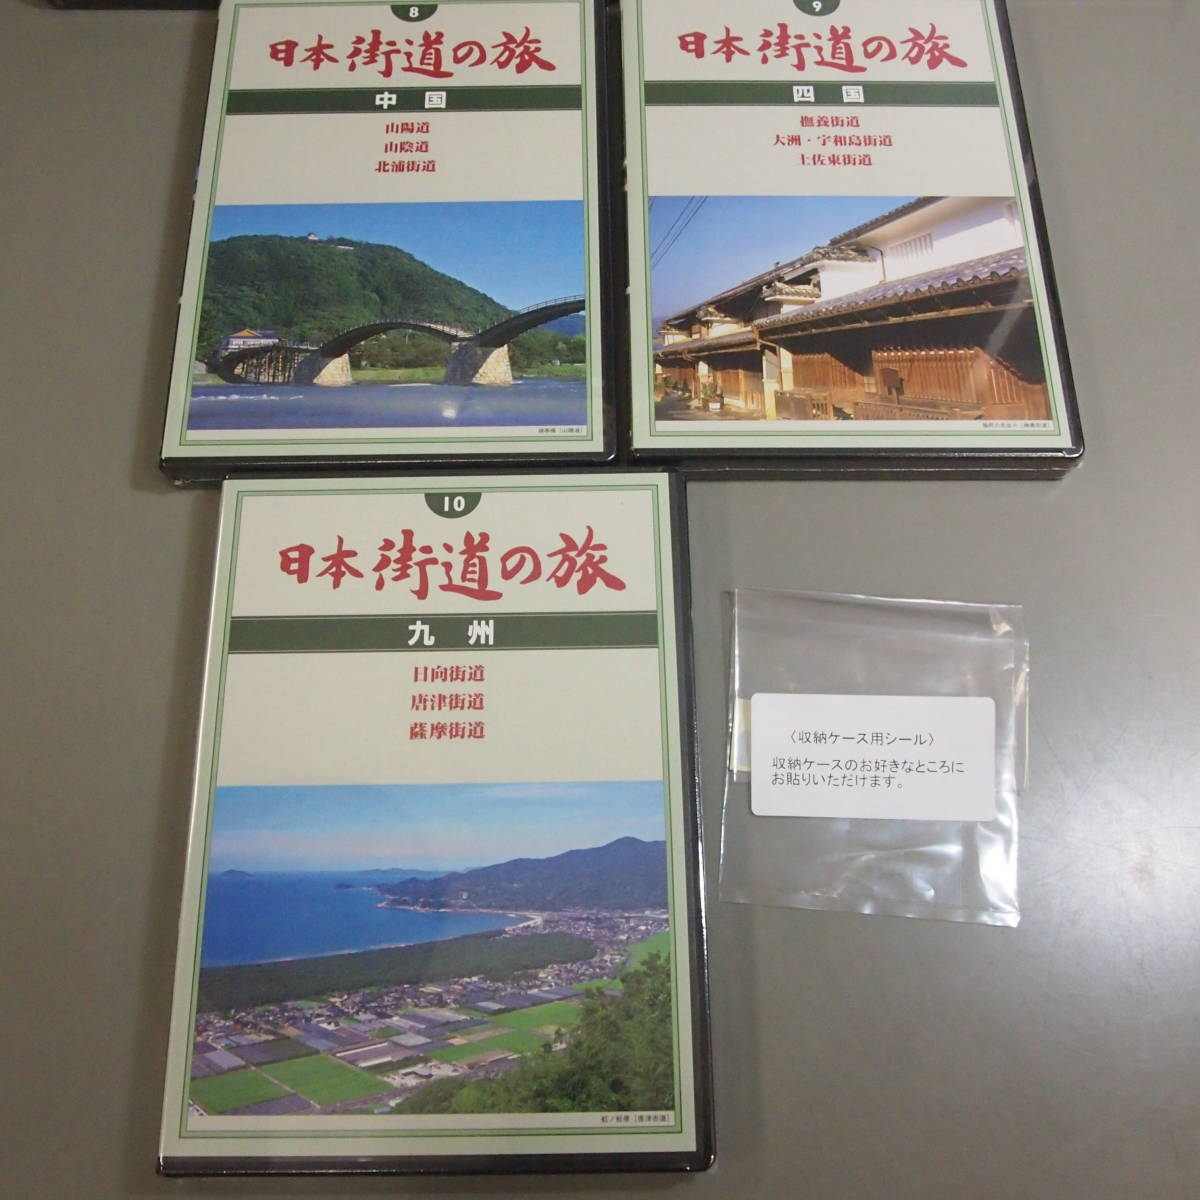 ユーキャン 日本 街道の旅 DVD 10巻セット 木製ケース付き 未開封品_画像6